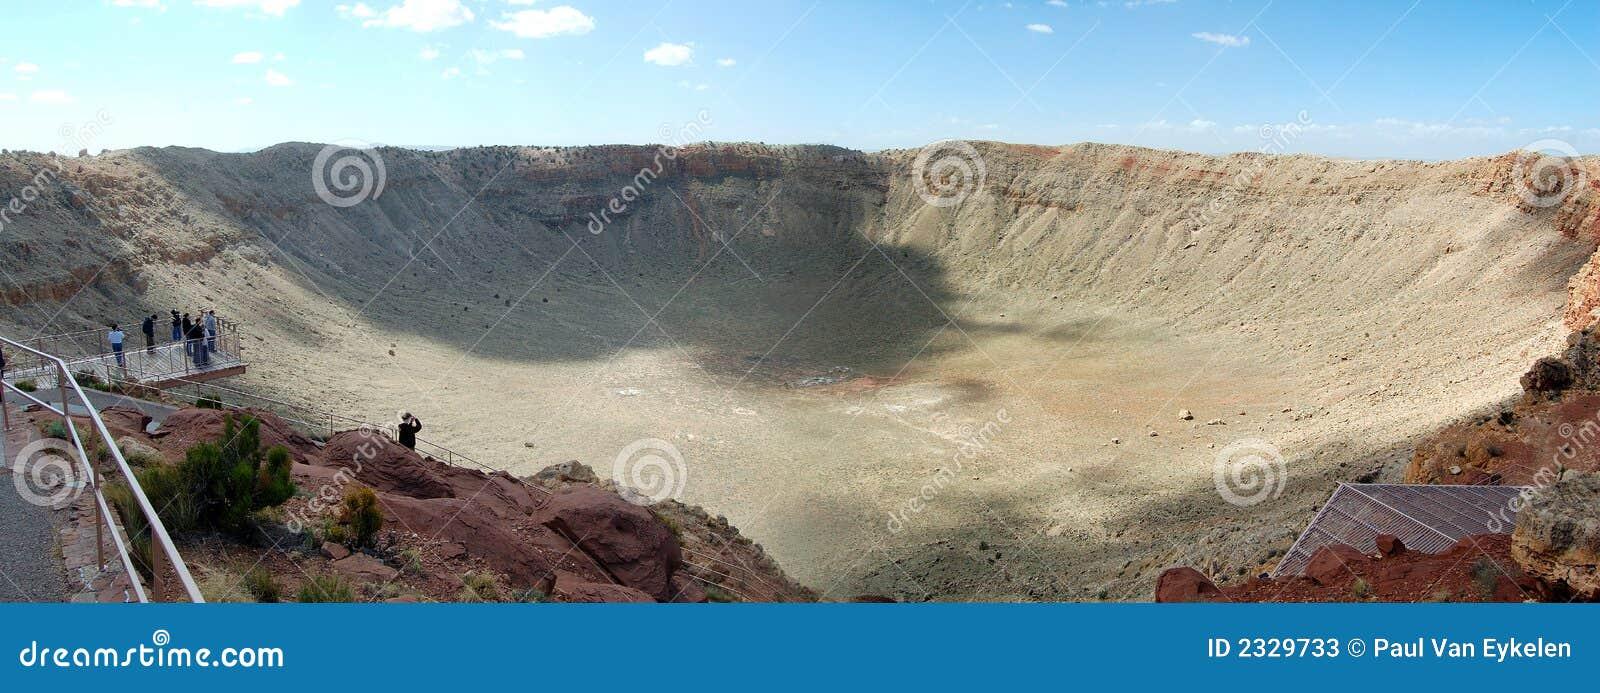 Panorama da cratera do meteoro